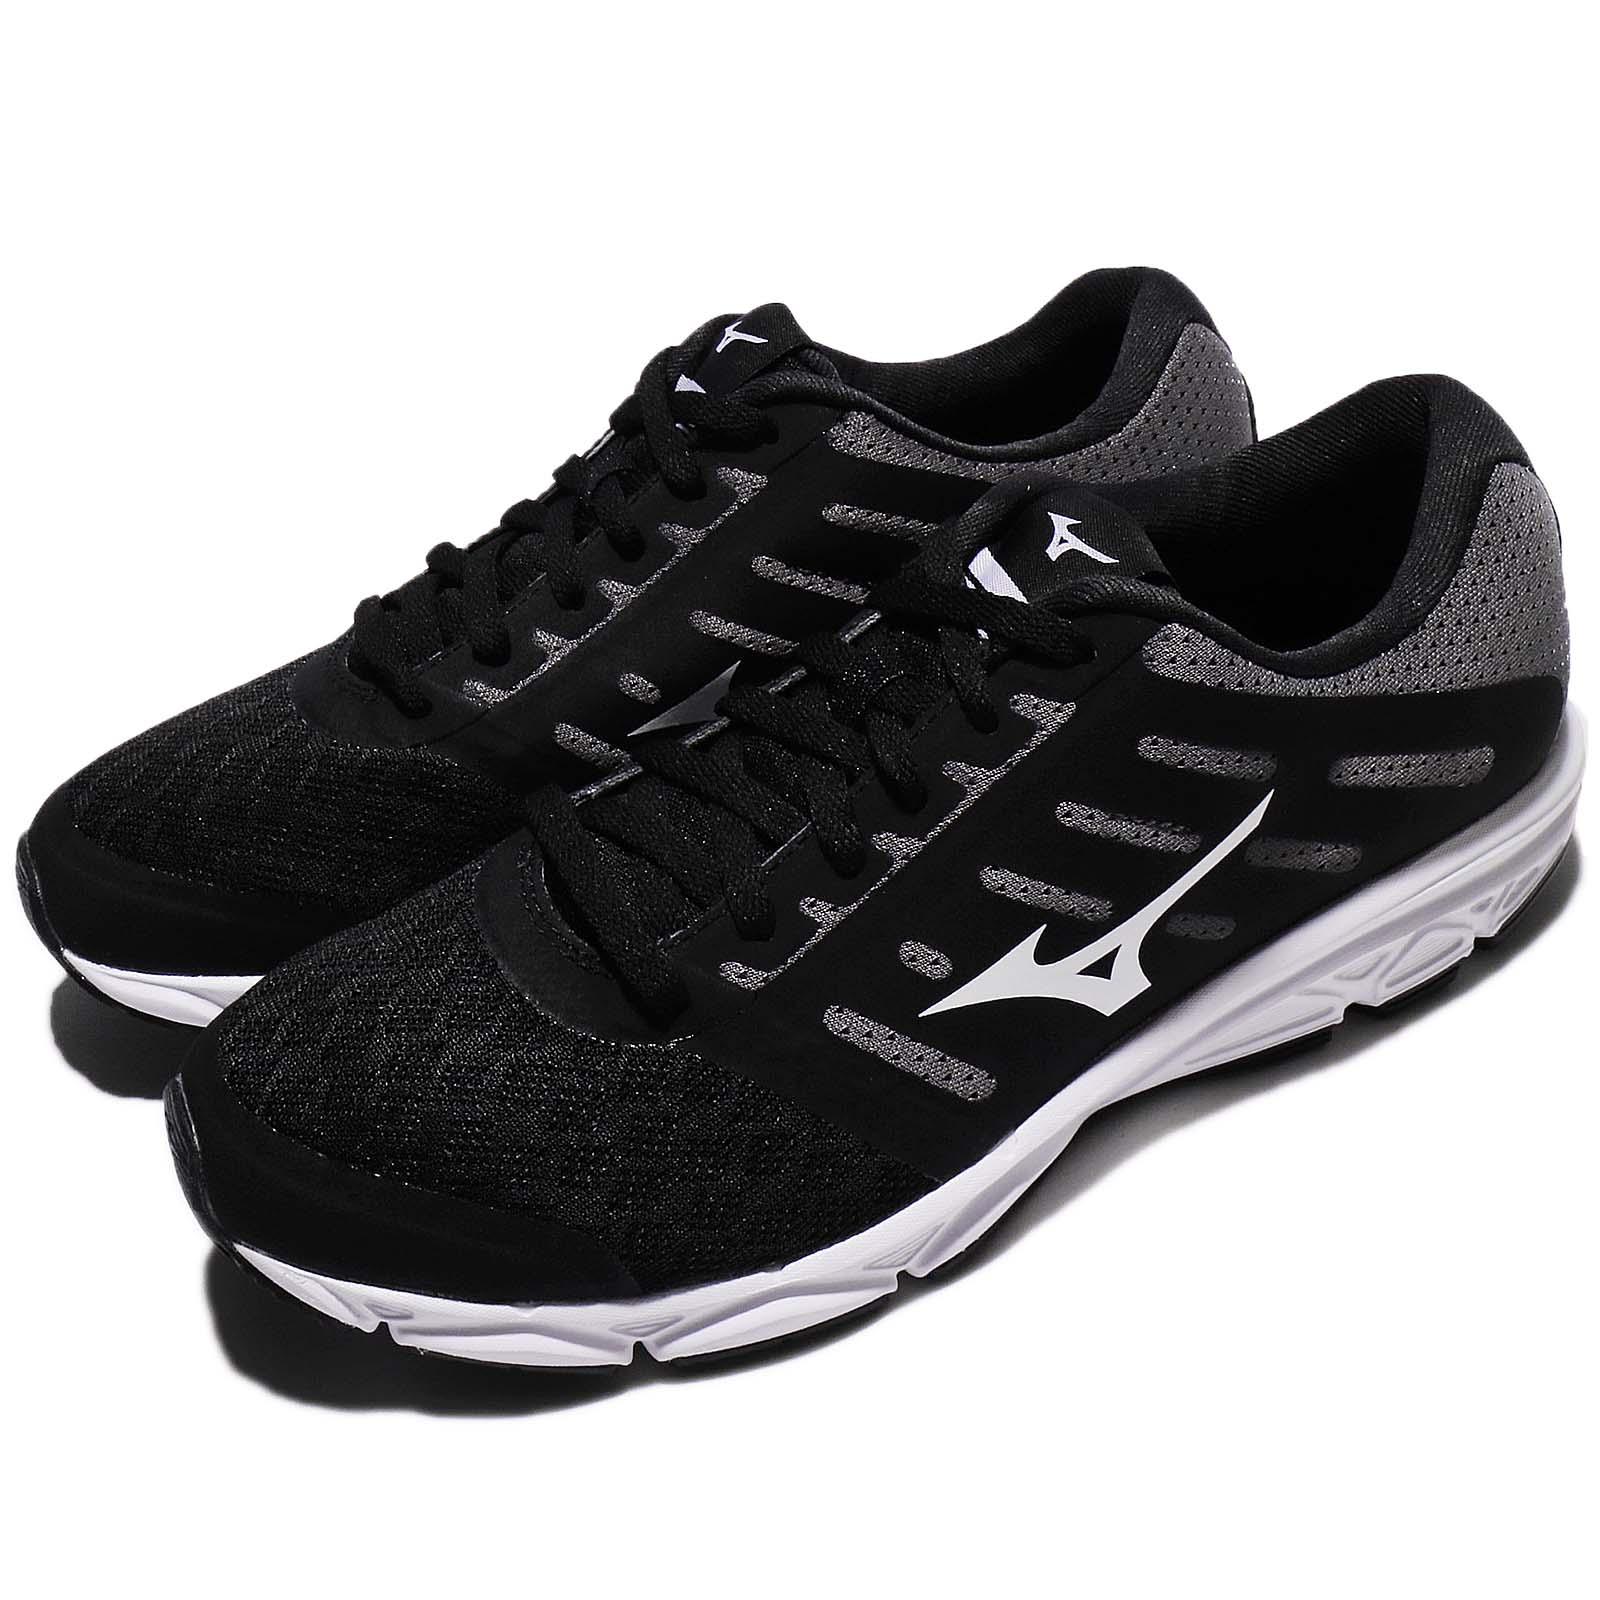 Mizuno 慢跑鞋 美津濃 Ezrun 運動 女鞋 J1GF1838-01